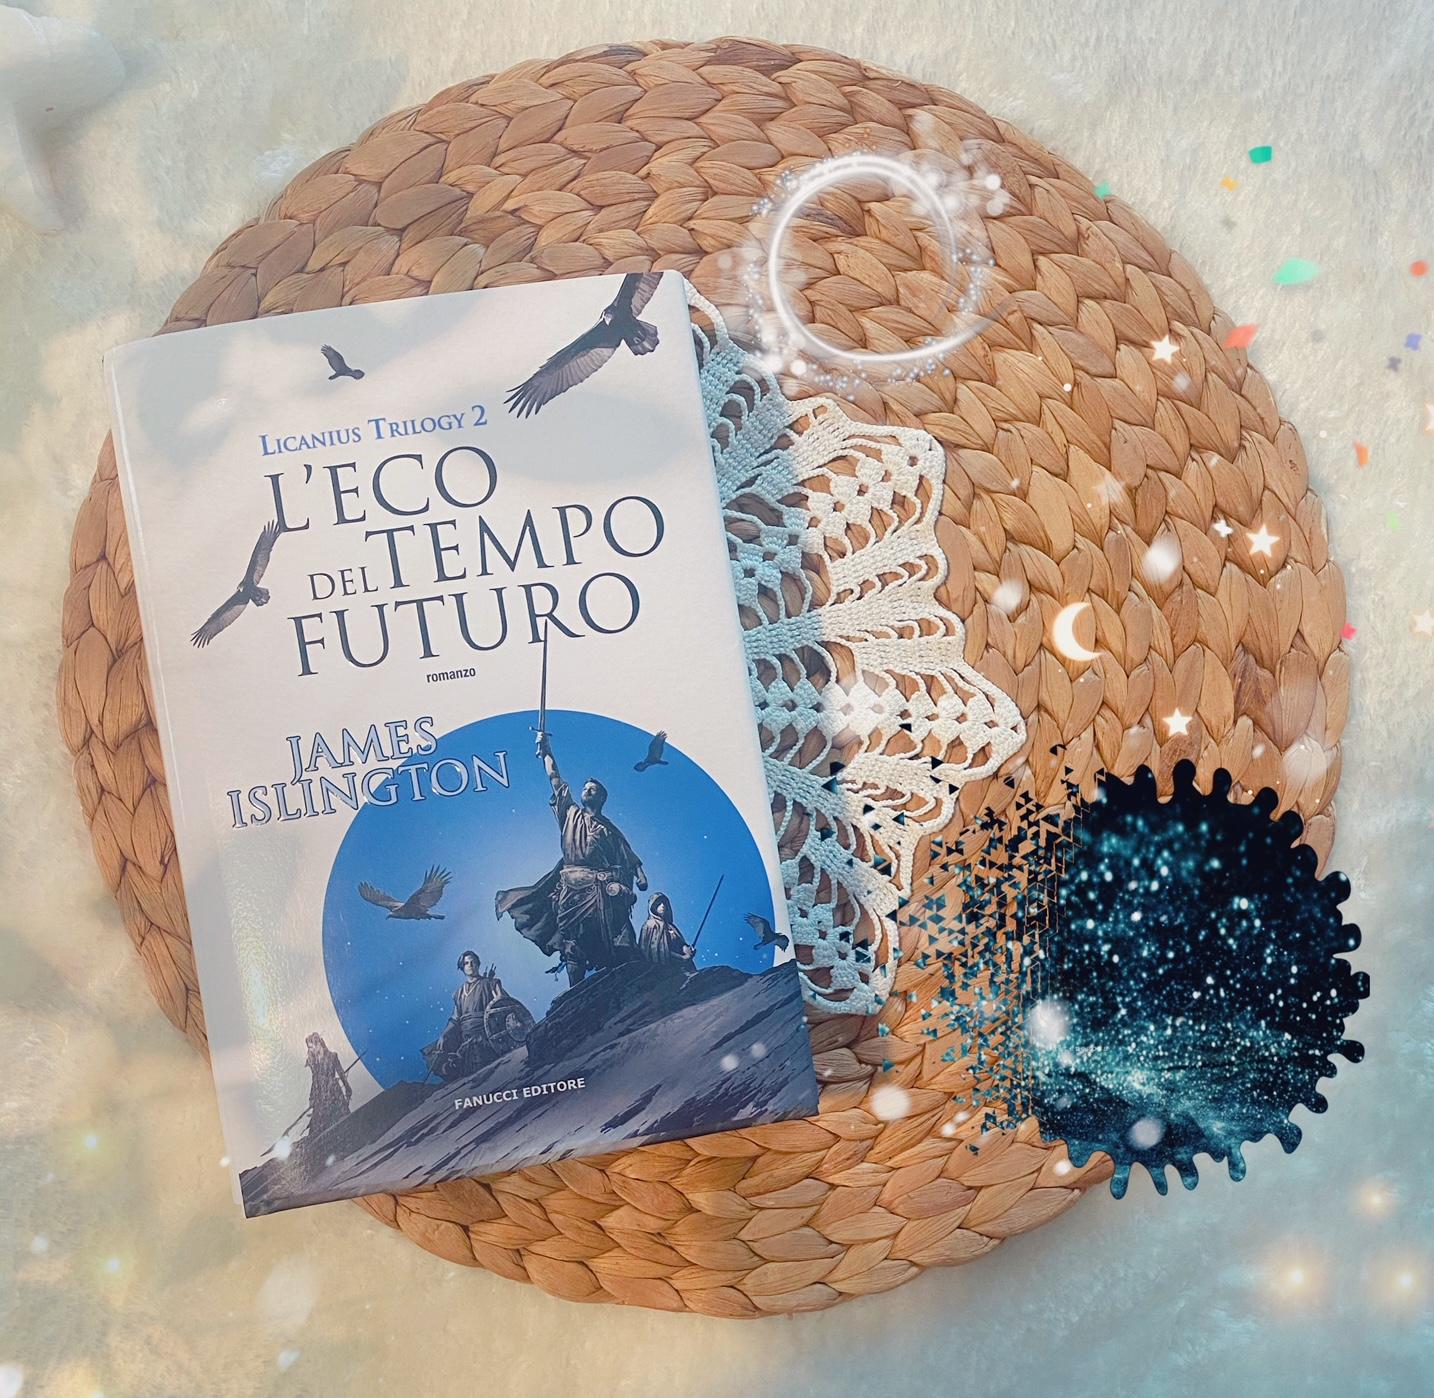 L'eco del tempo futuro – Licanius trilogy vol.2